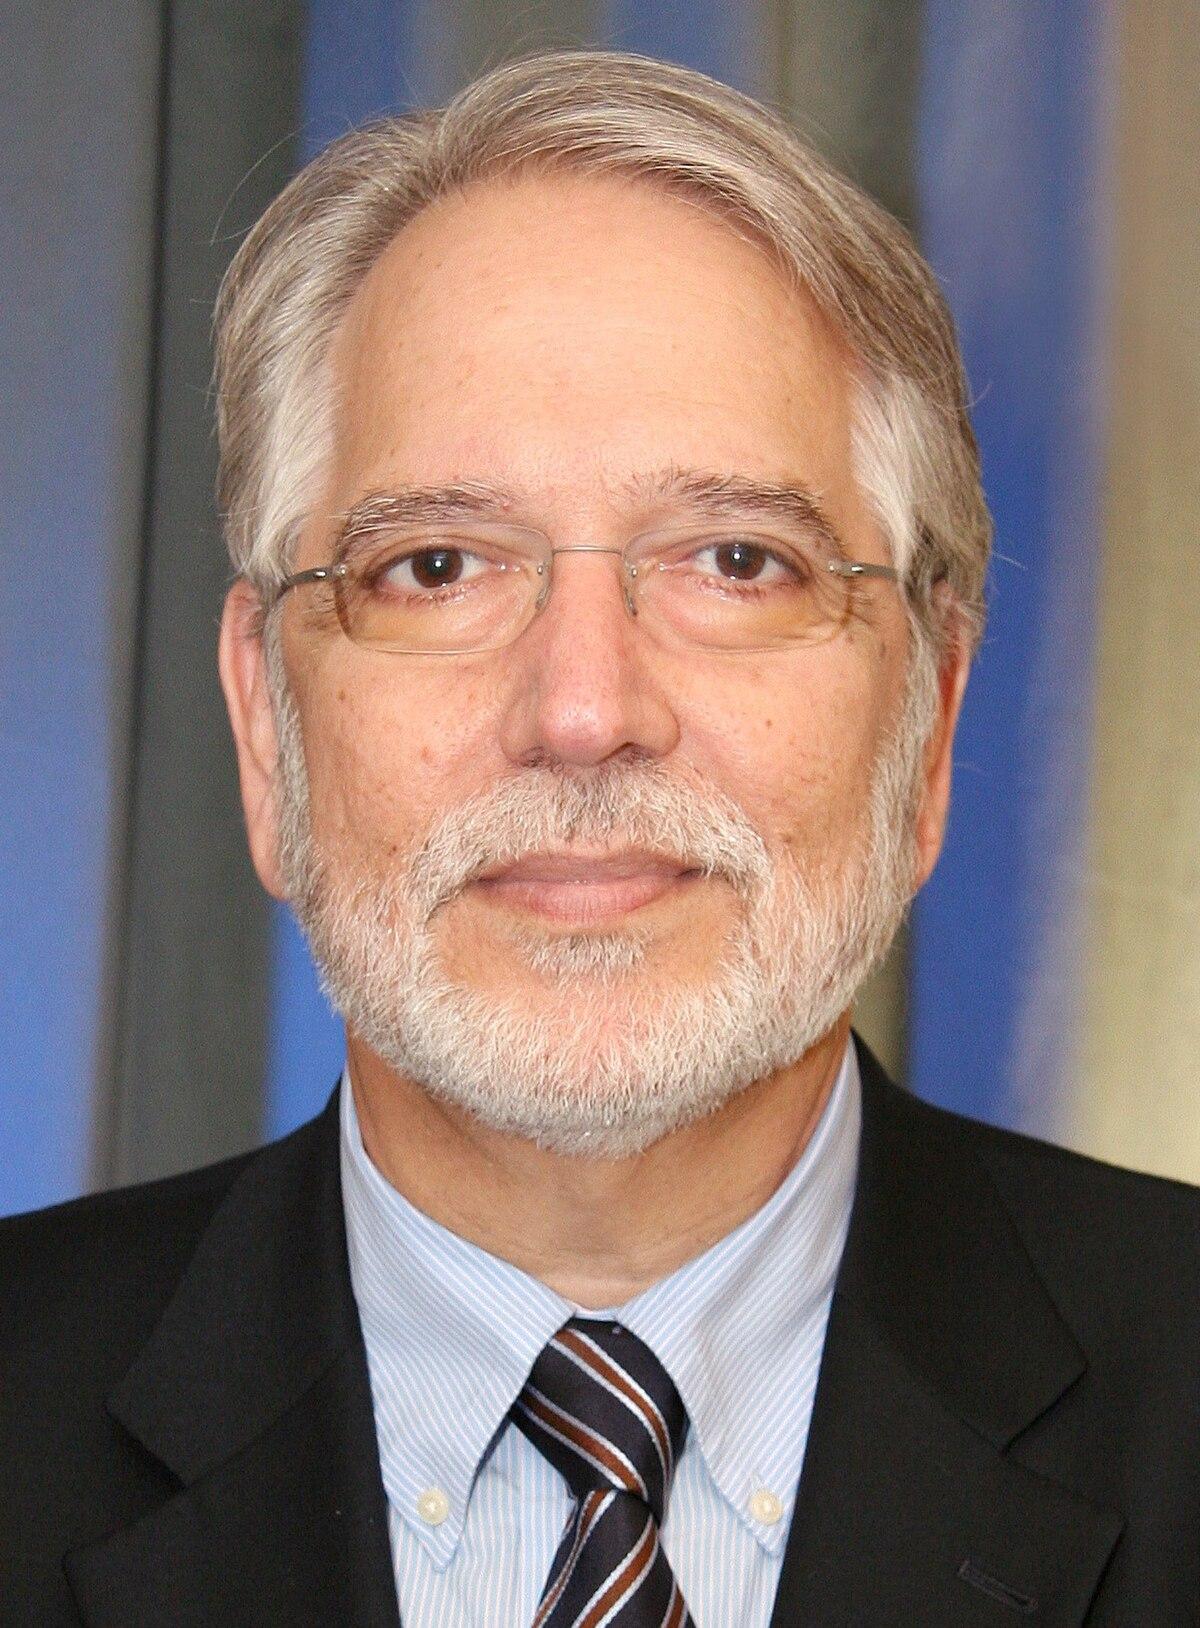 George P Chrousos  Wikipedia